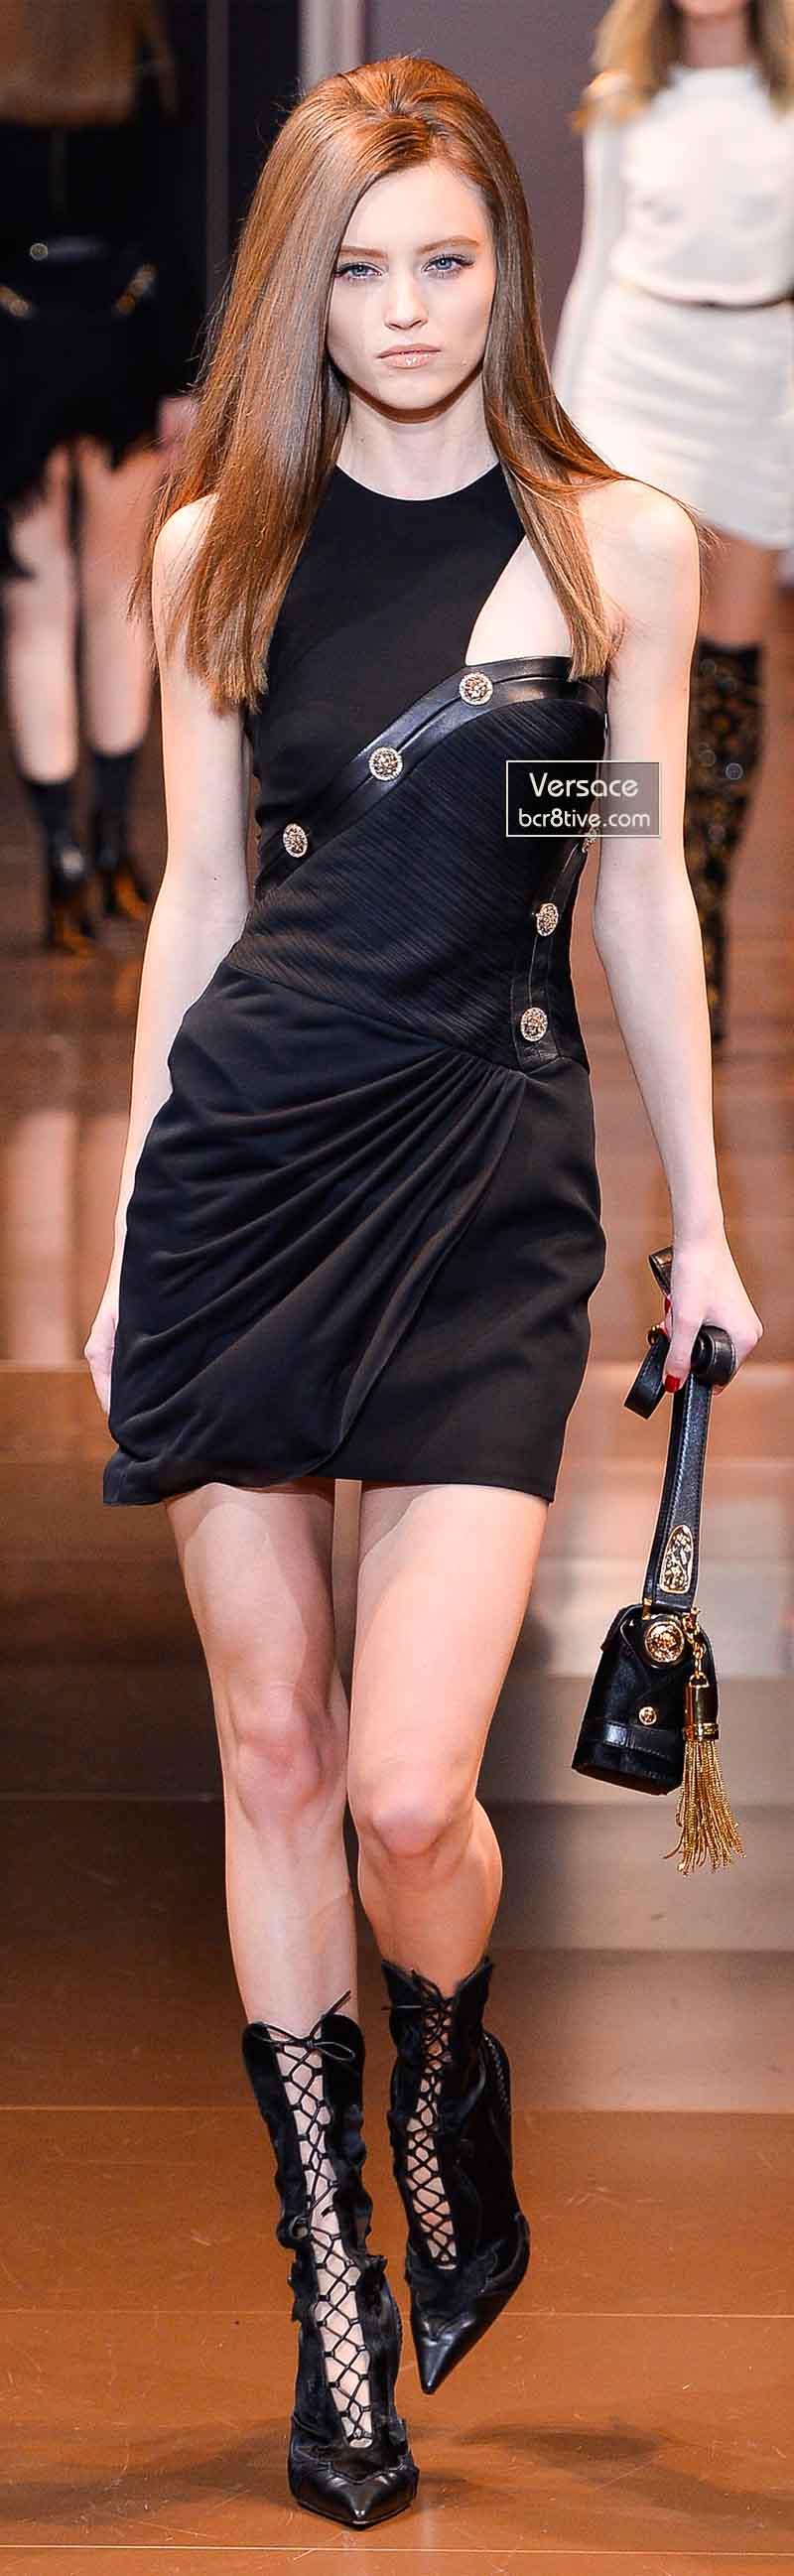 Versace Fall 2014 - Mila Krasnoiarova